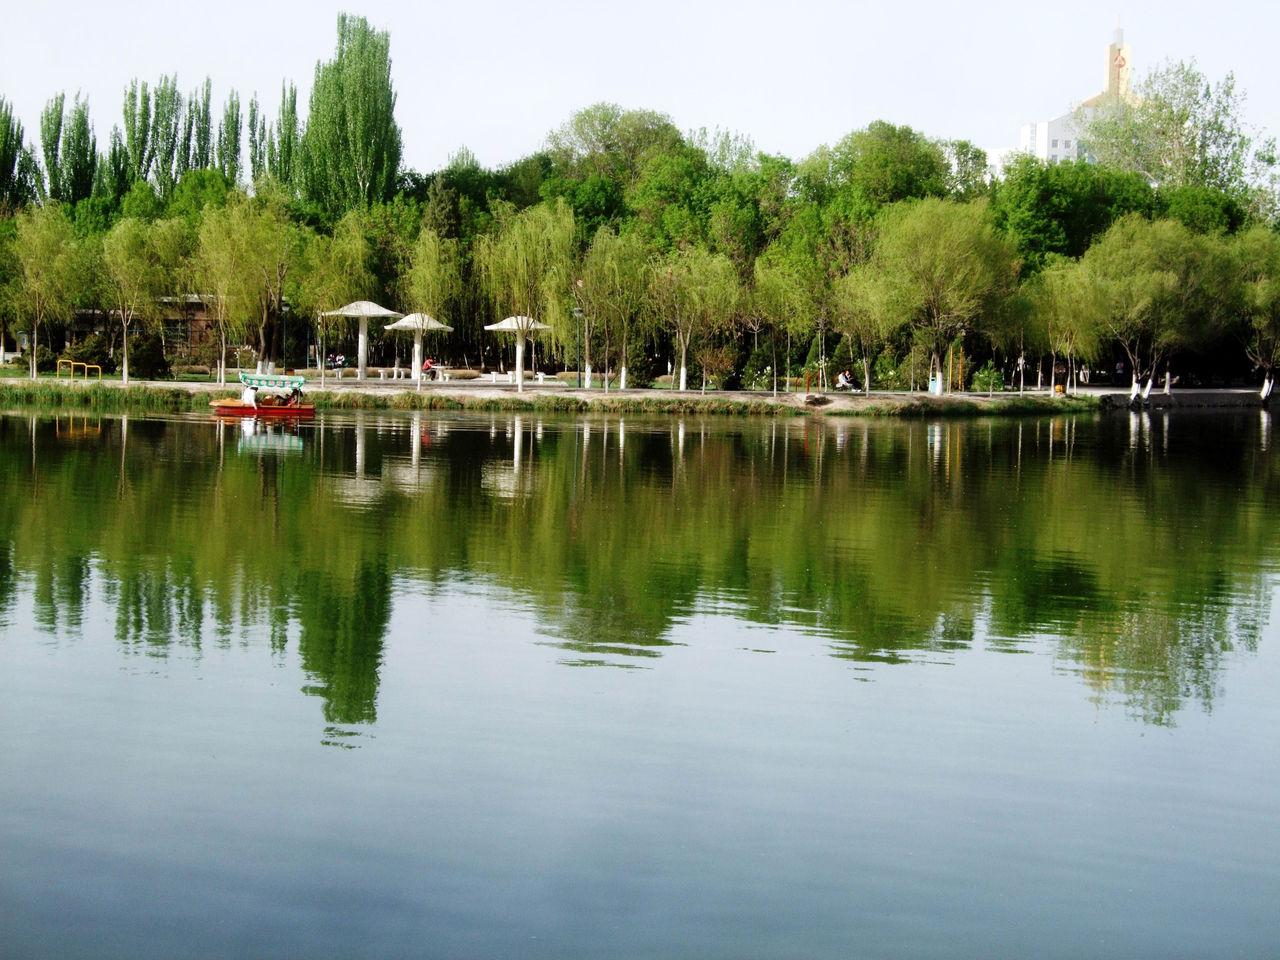 中山公园不仅是银川的风景名胜